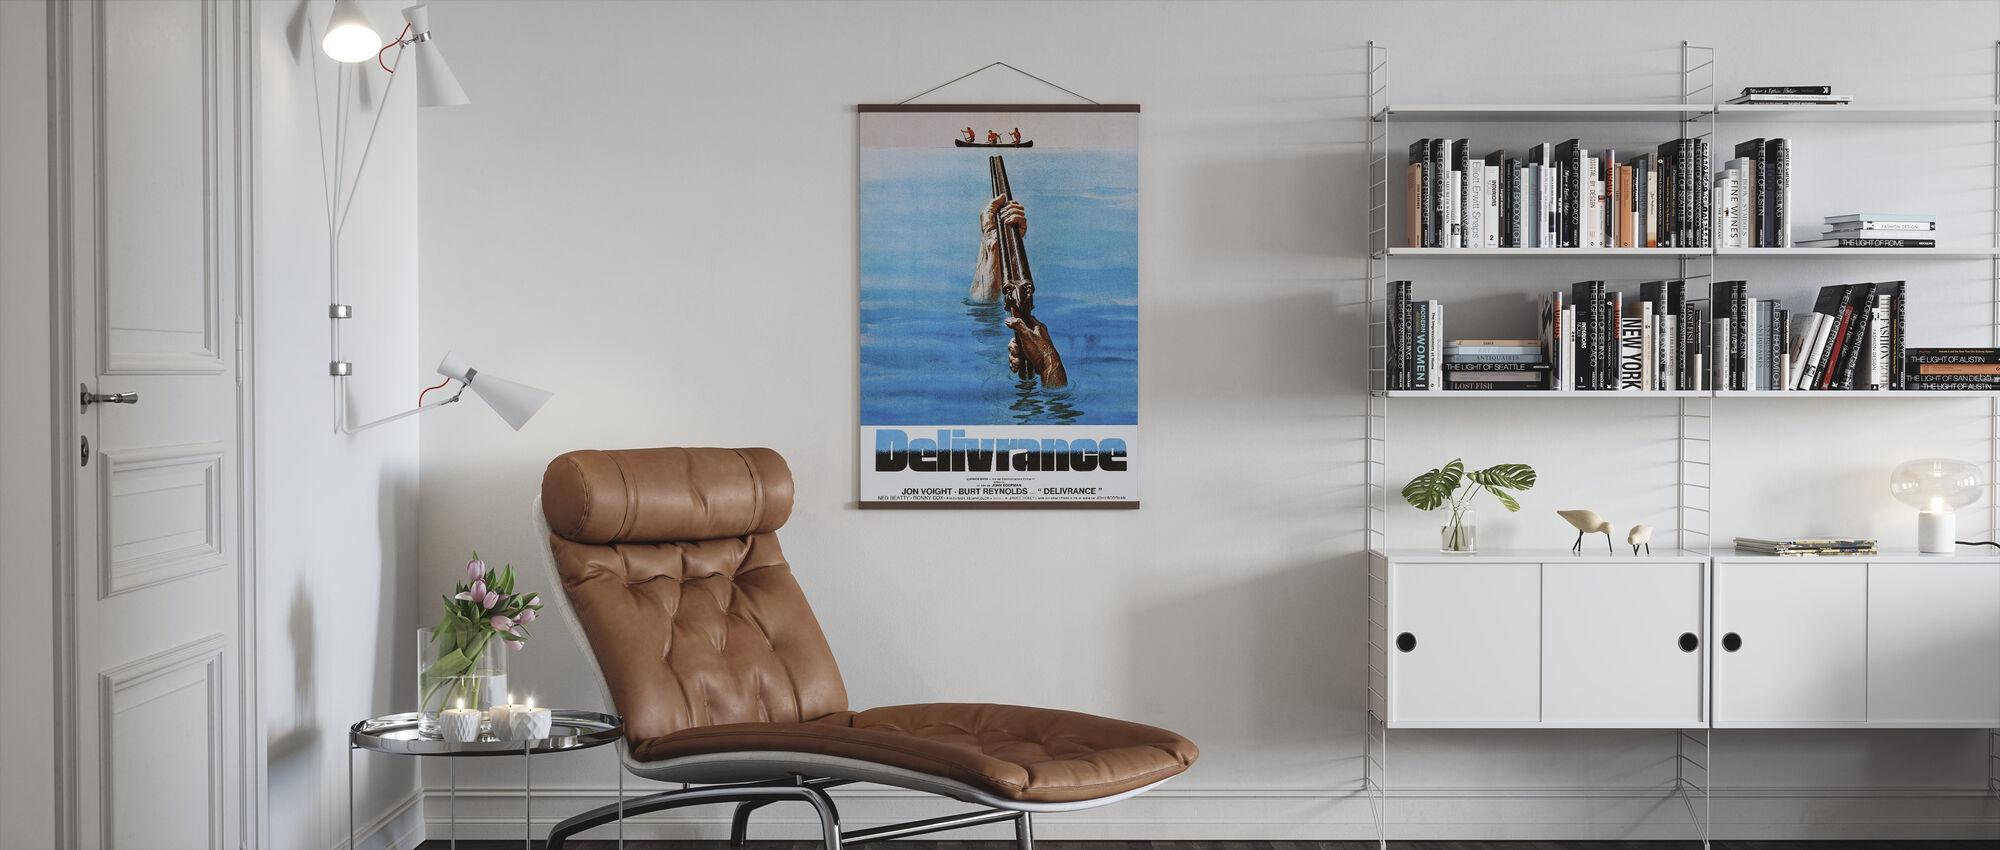 Deliverance - Poster - Living Room